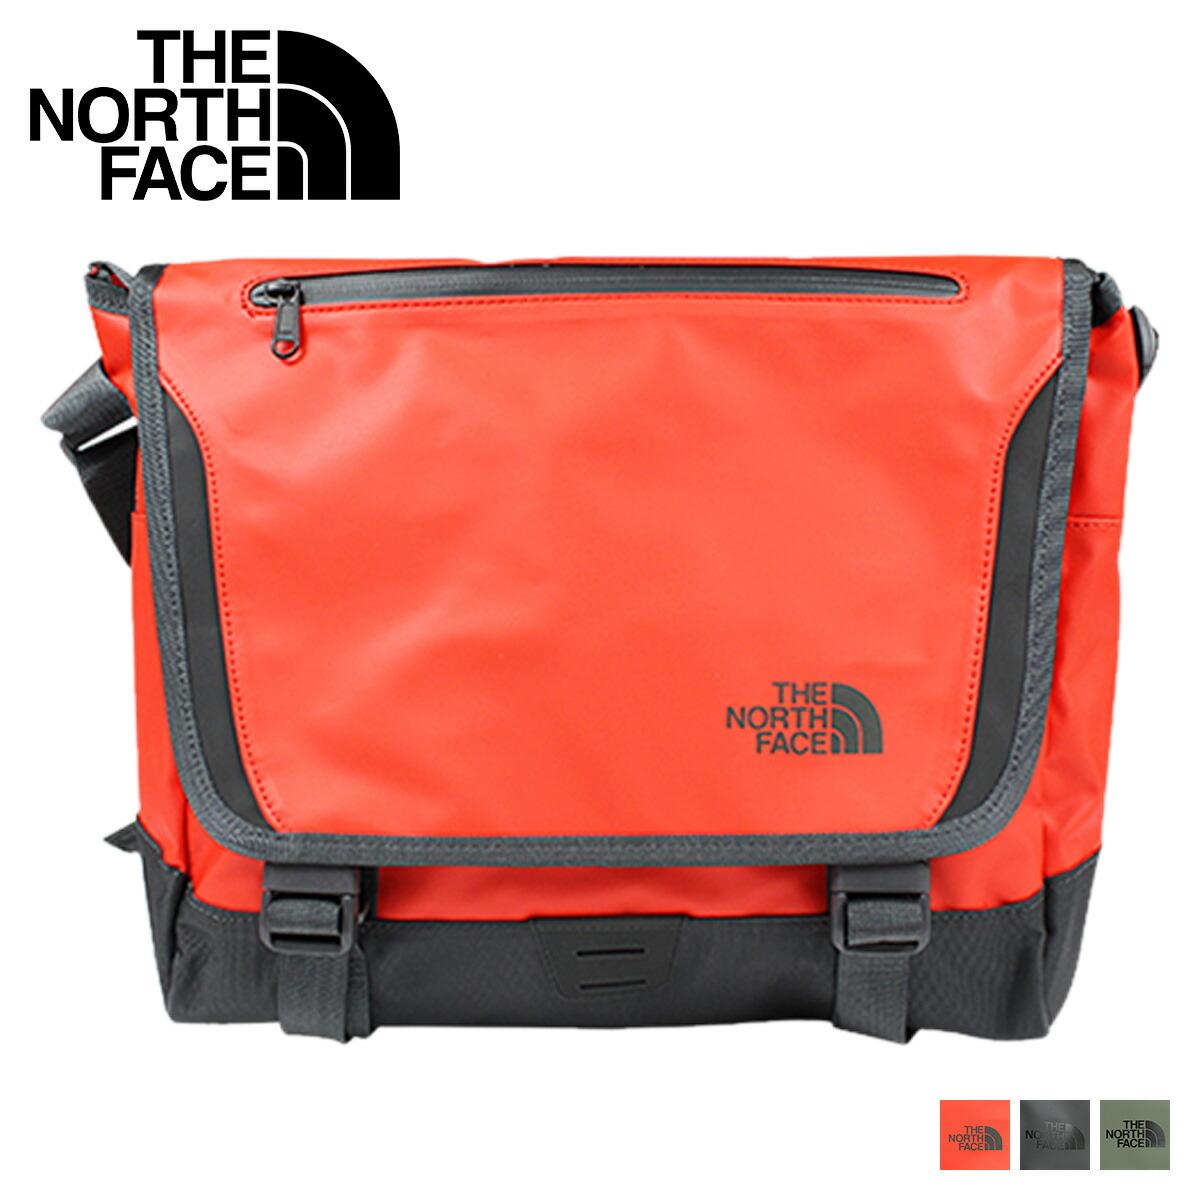 North Face Men'S Shoulder Bag 40